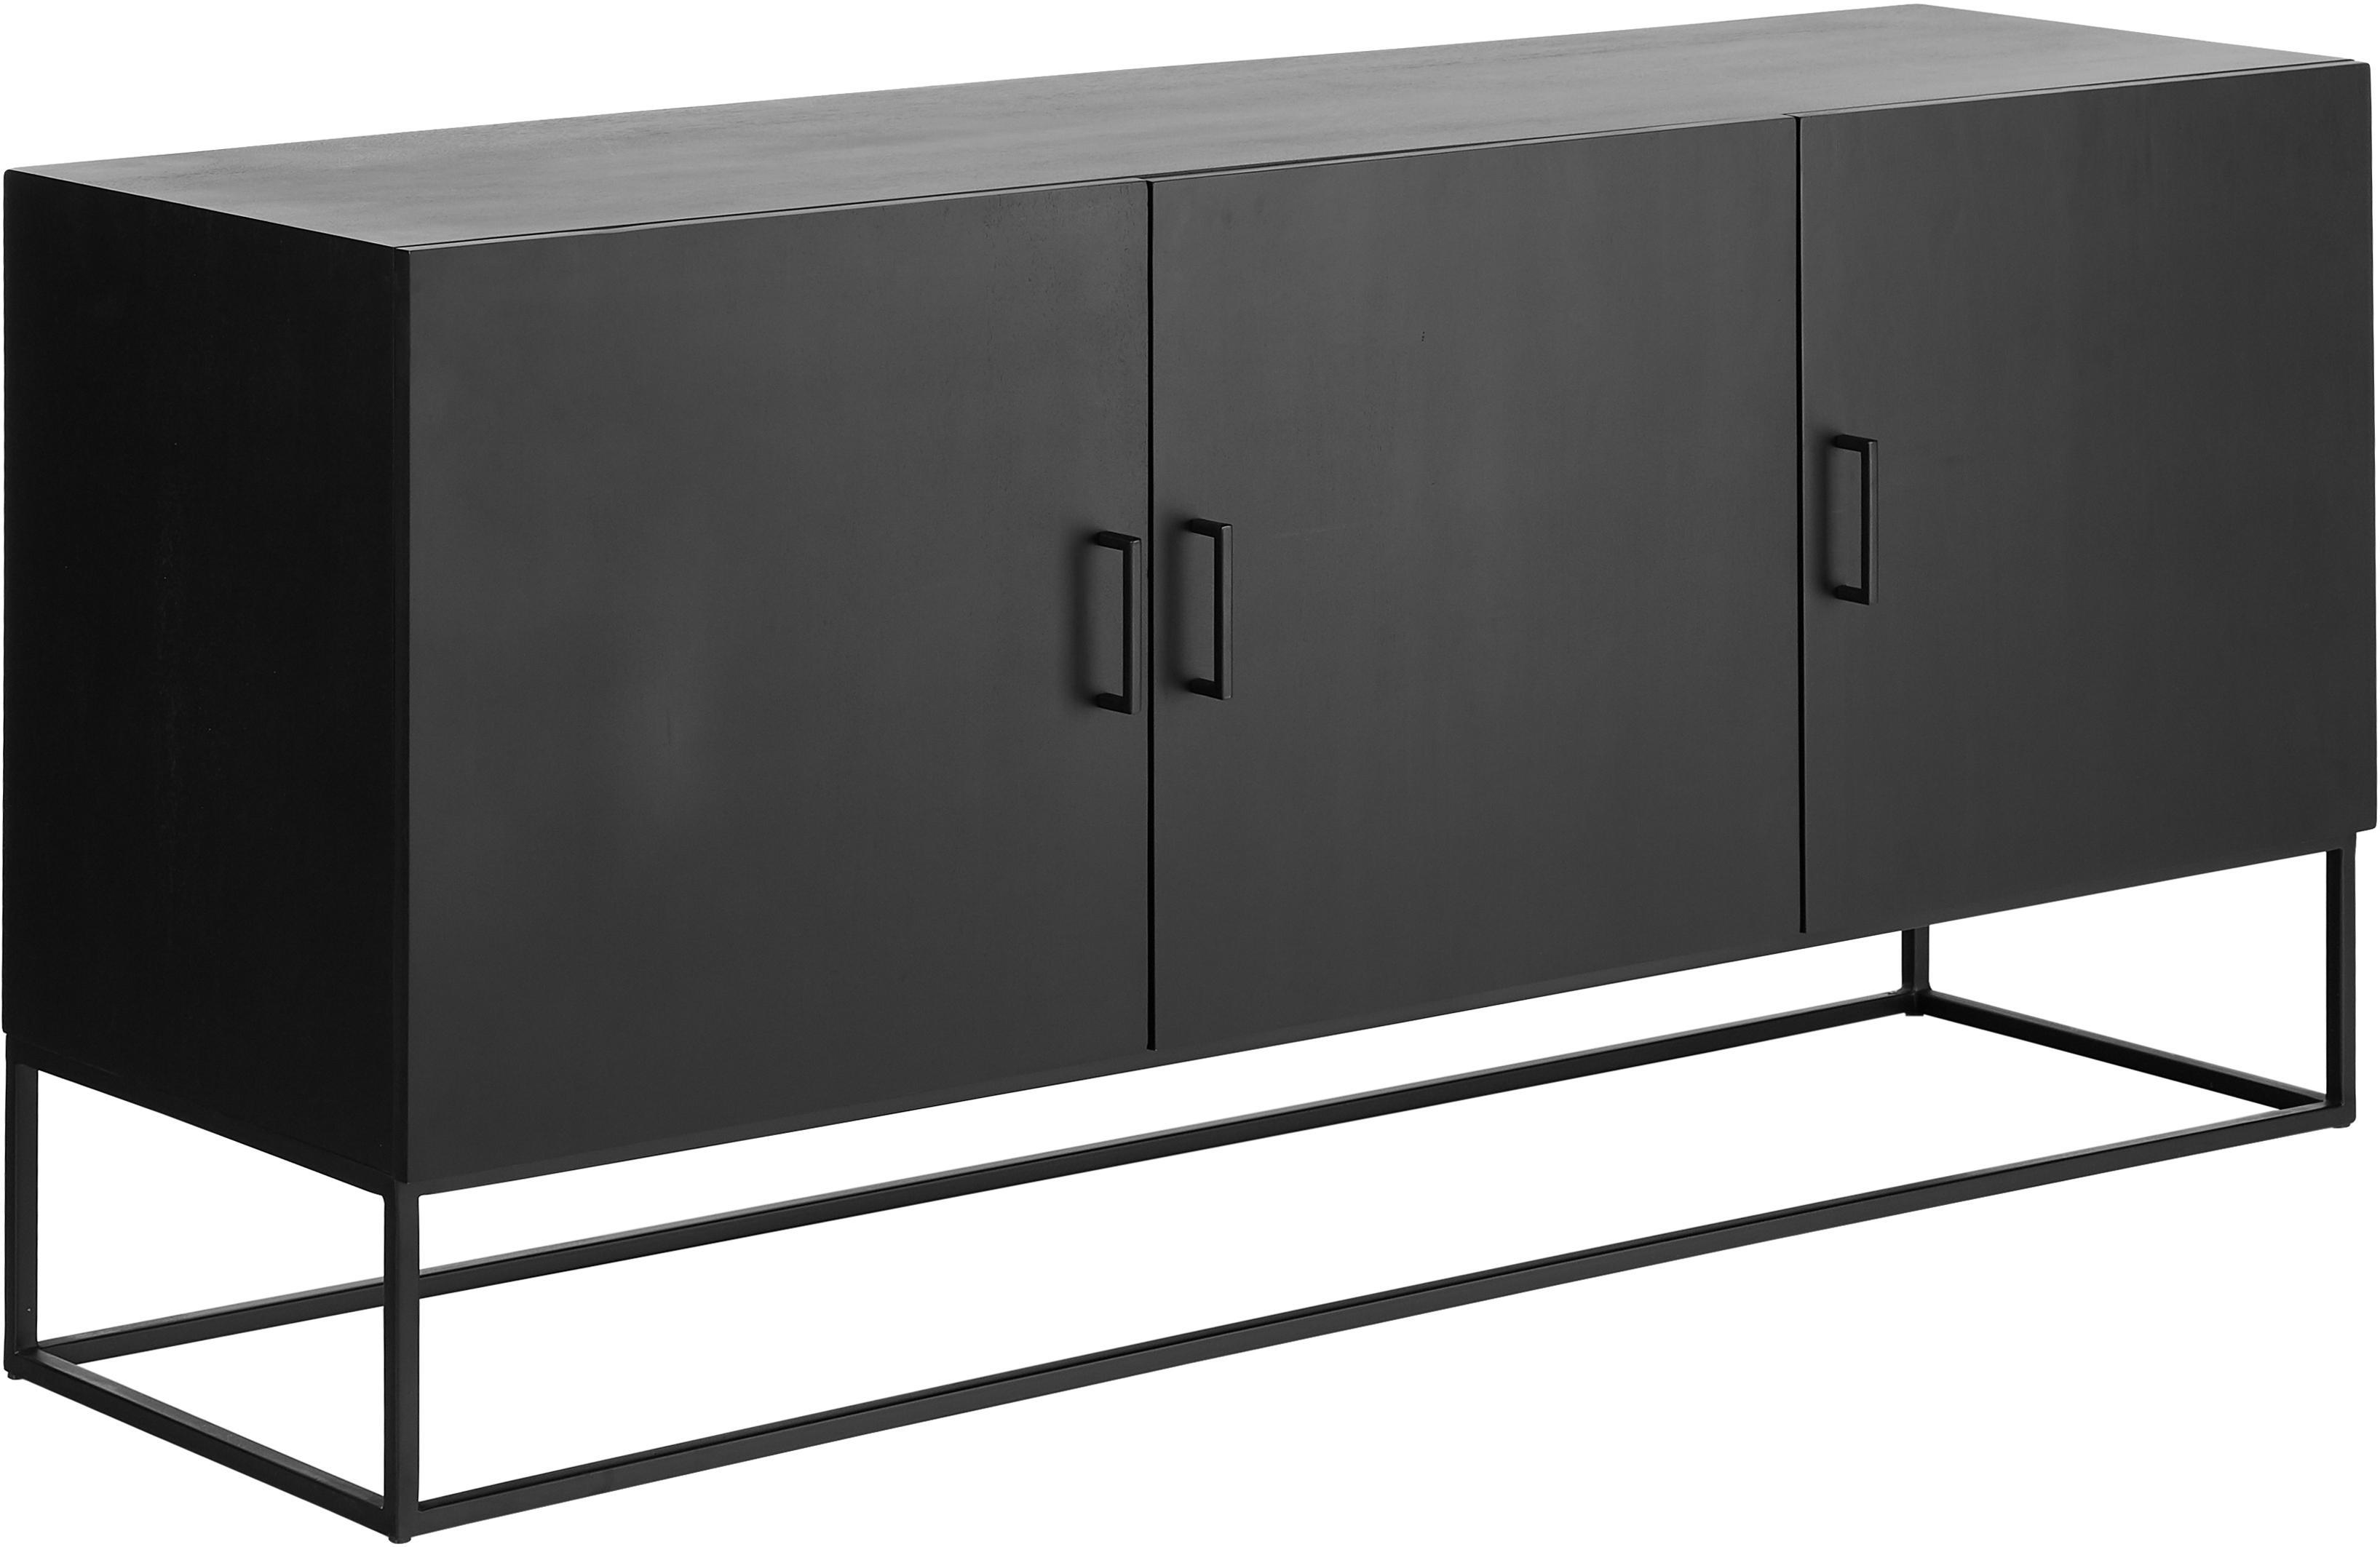 Zwart dressoir Lyle met deuren, Frame: gelakt massief mangohout, Zwart gelakt mangohout, 150 x 72 cm